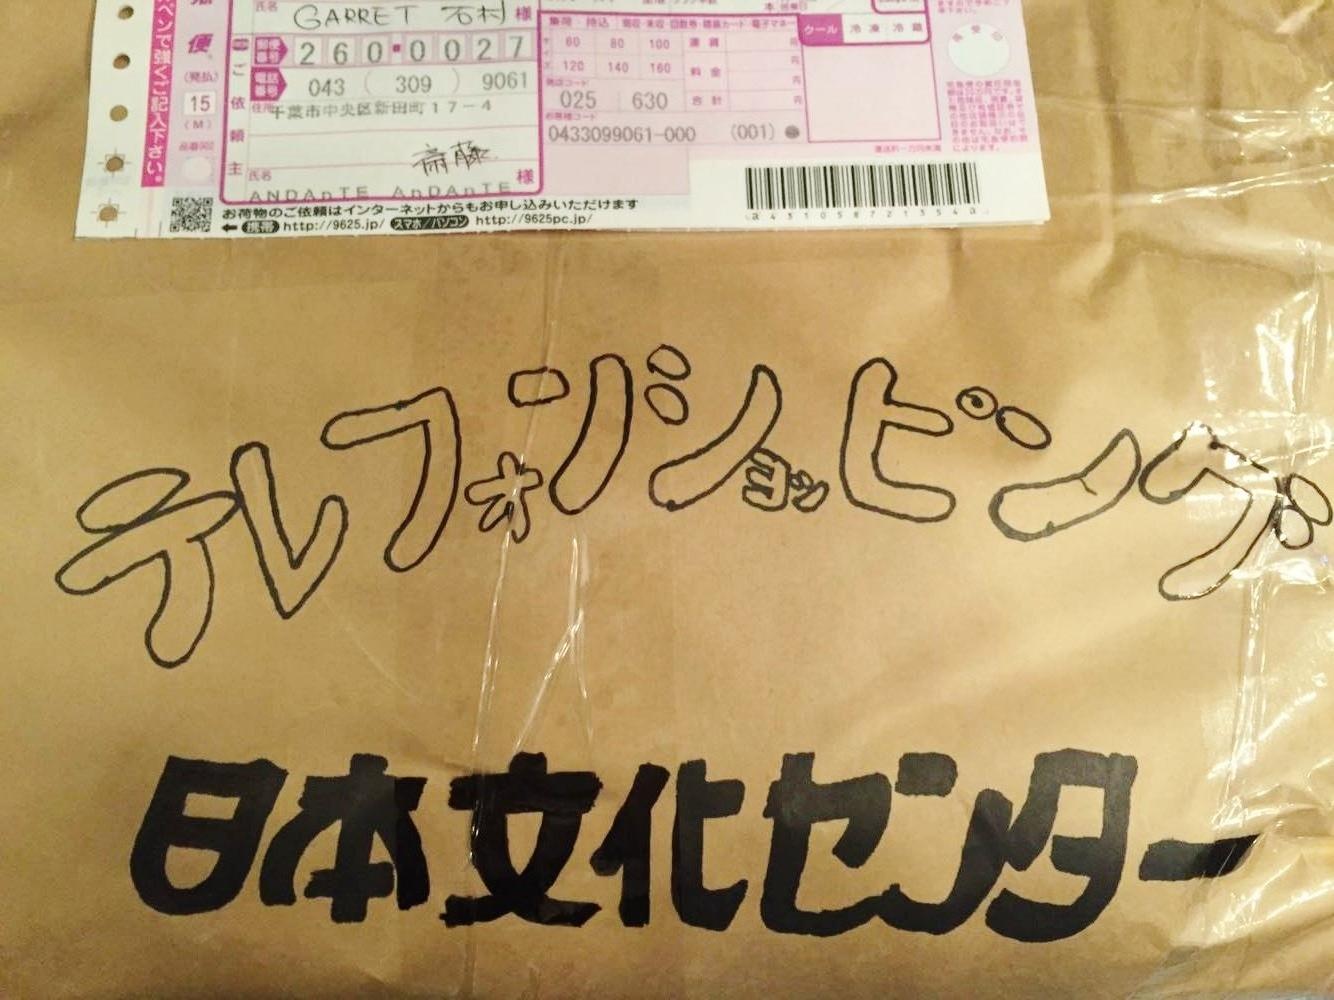 ウケる!!w またまた日本文化センターテレフォンショッピング_f0180307_21381538.jpg